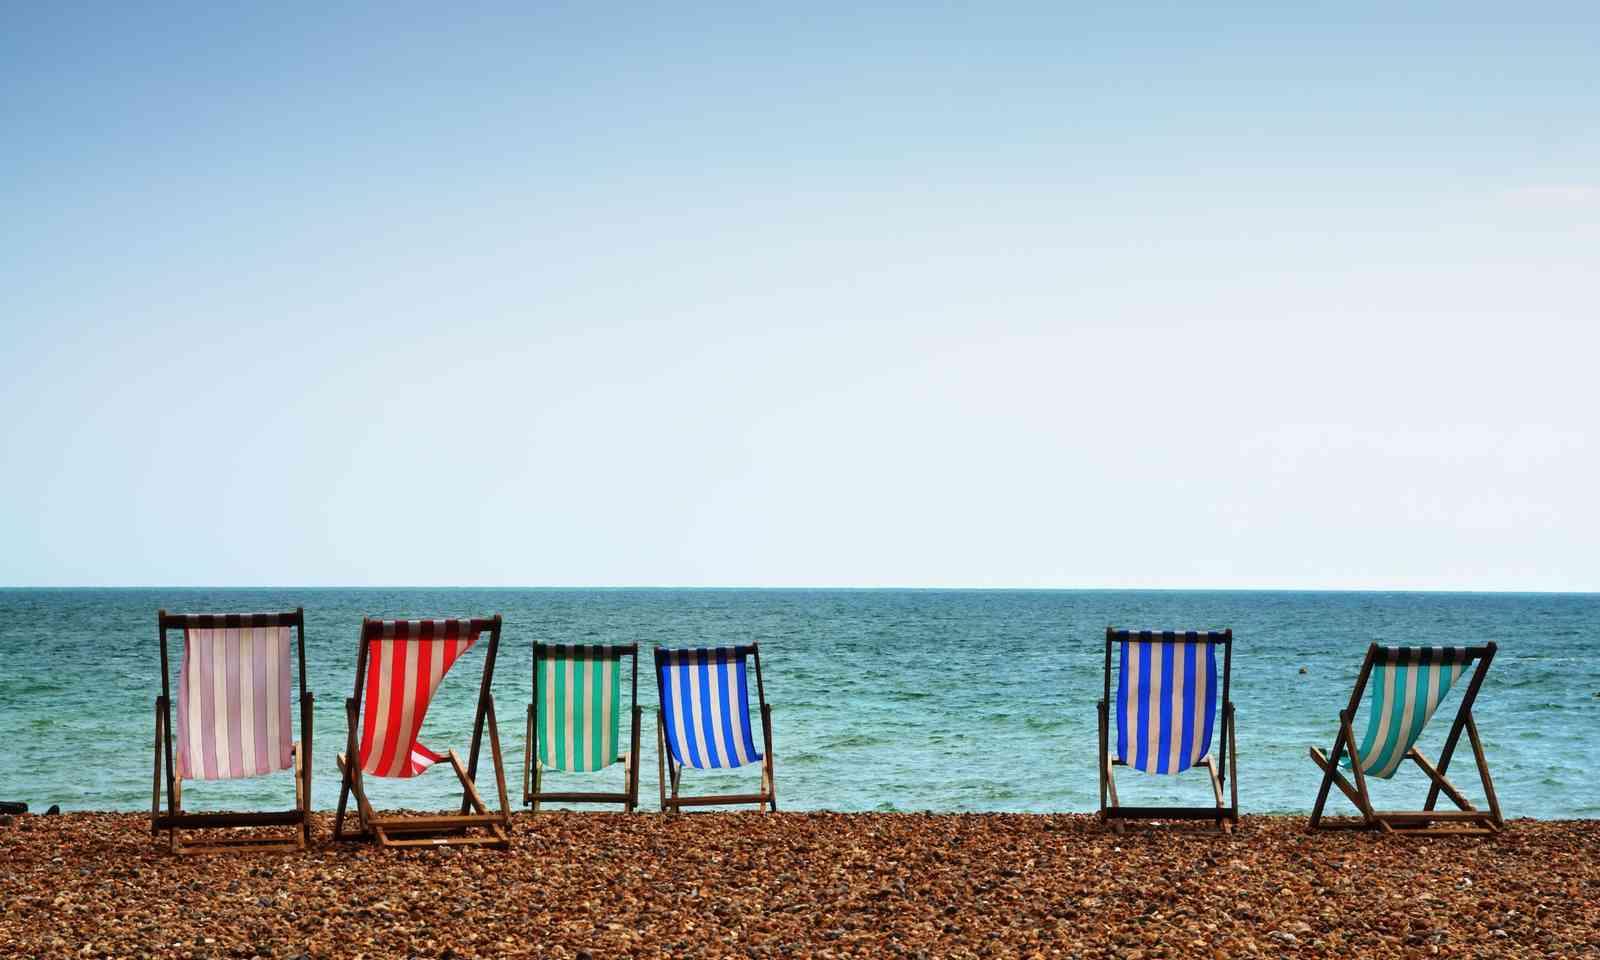 Deckchairs on Brighton beach (Shutterstock.com)